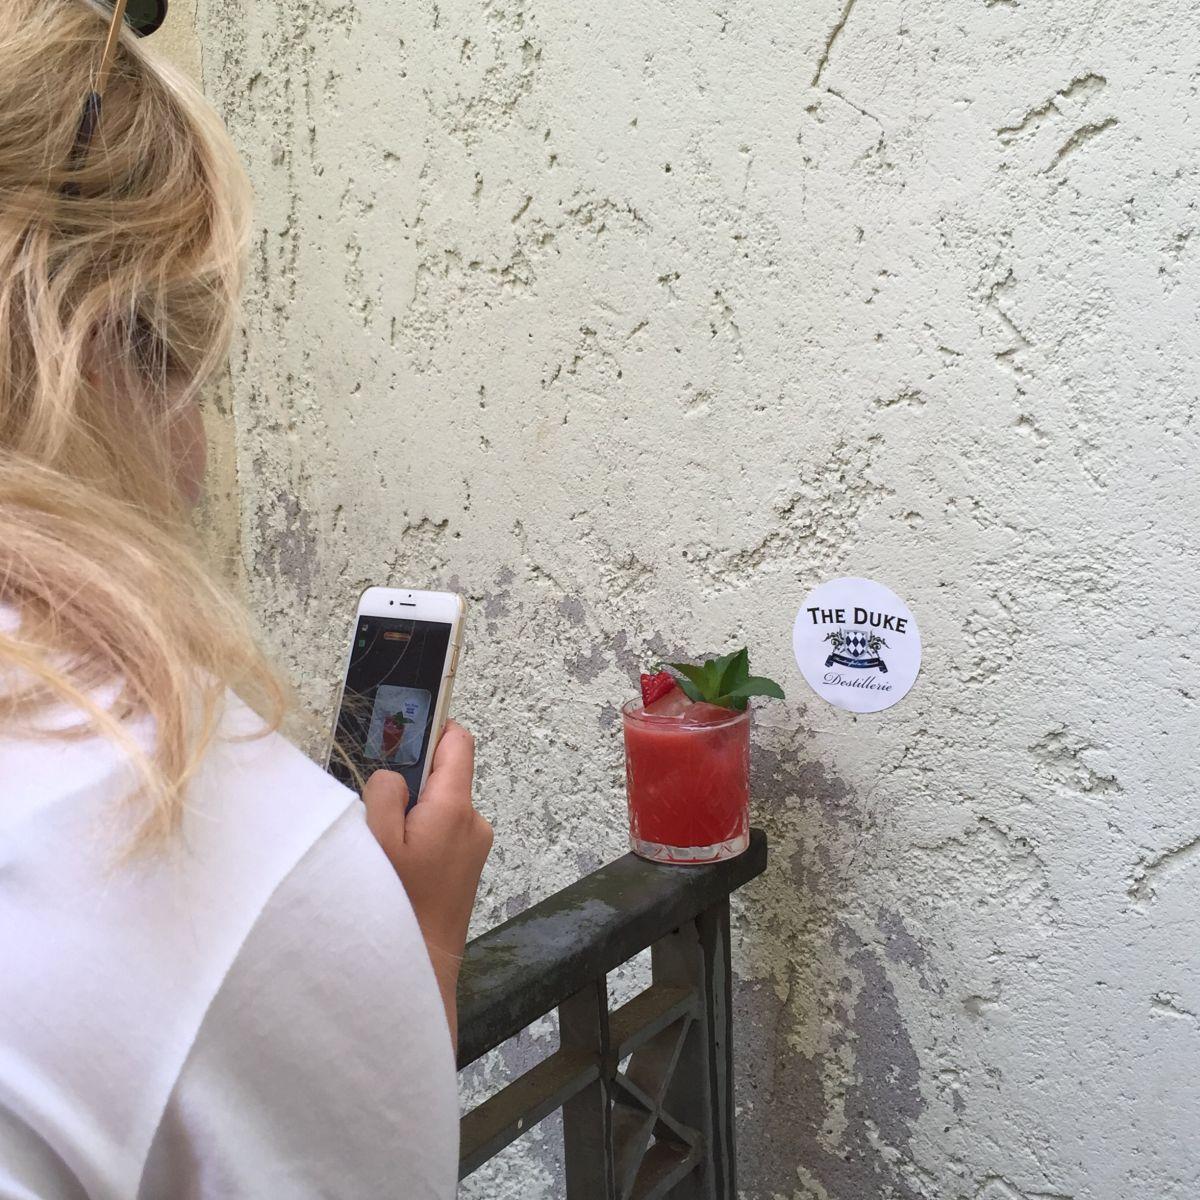 THE DUKE Mitarbeiterin macht ein Foto eines Drinks im Hinterhof der Destillerie